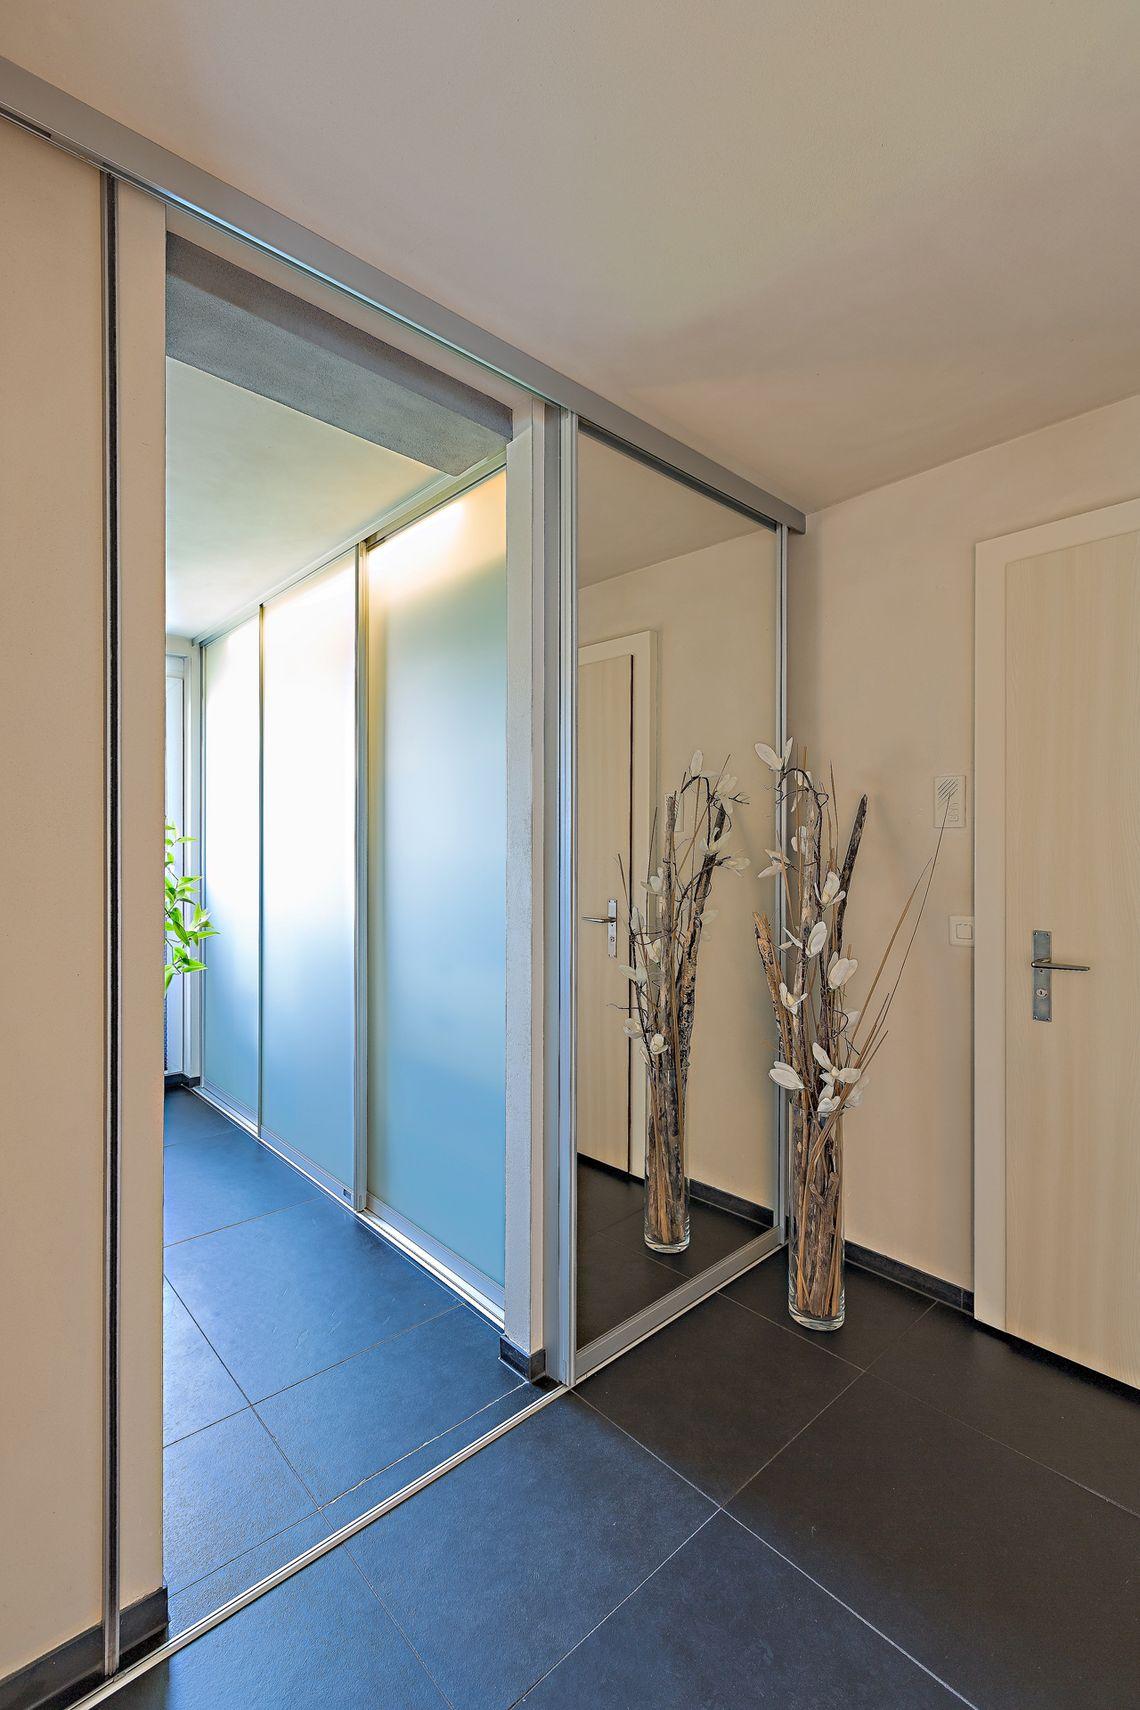 Schiebetüre in grossflächigem Spiegel als Eingang ins Bad | AUF&ZU